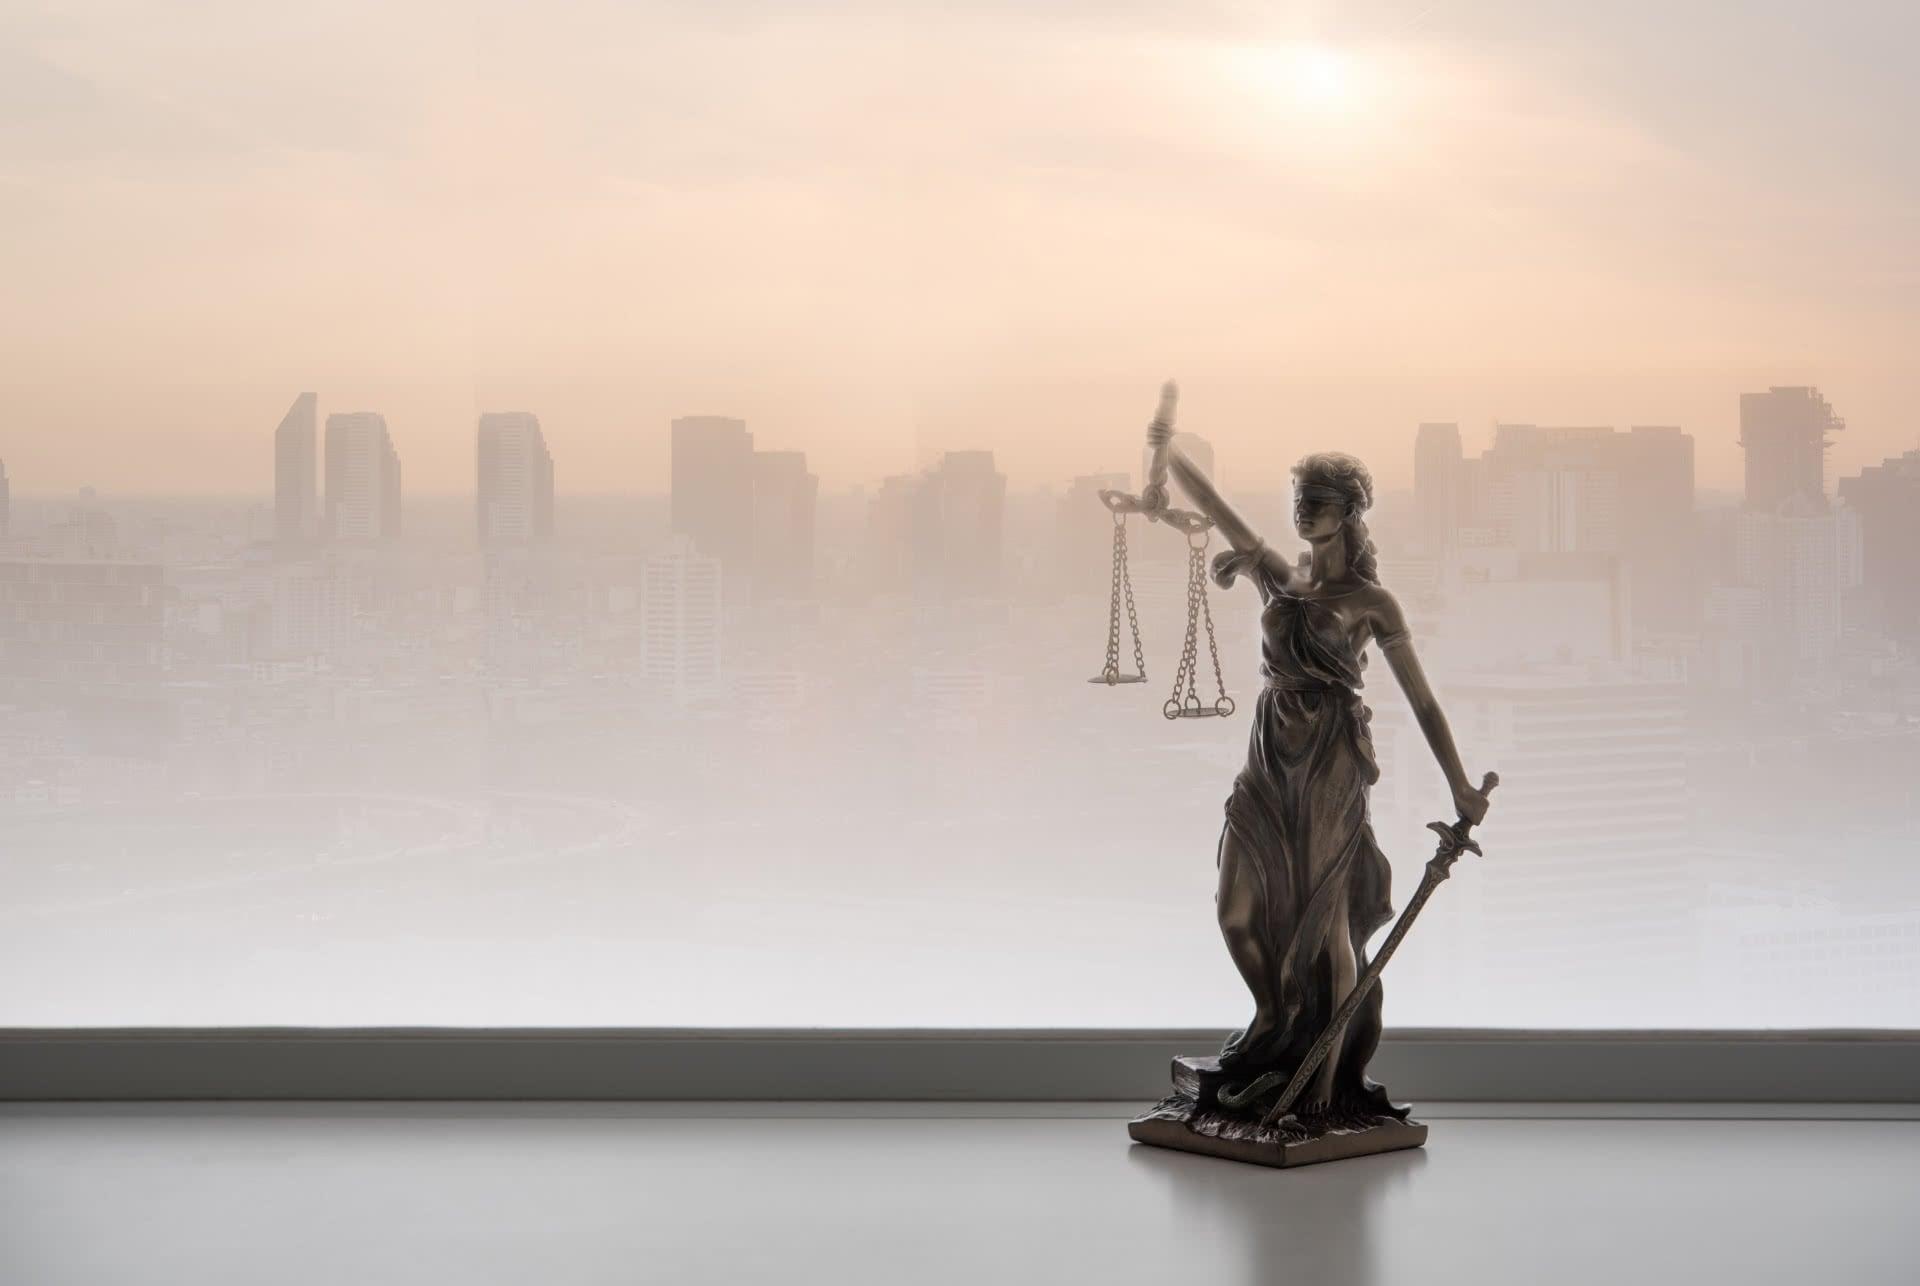 Le droit à un environnement sain : un droit universel et fondamental